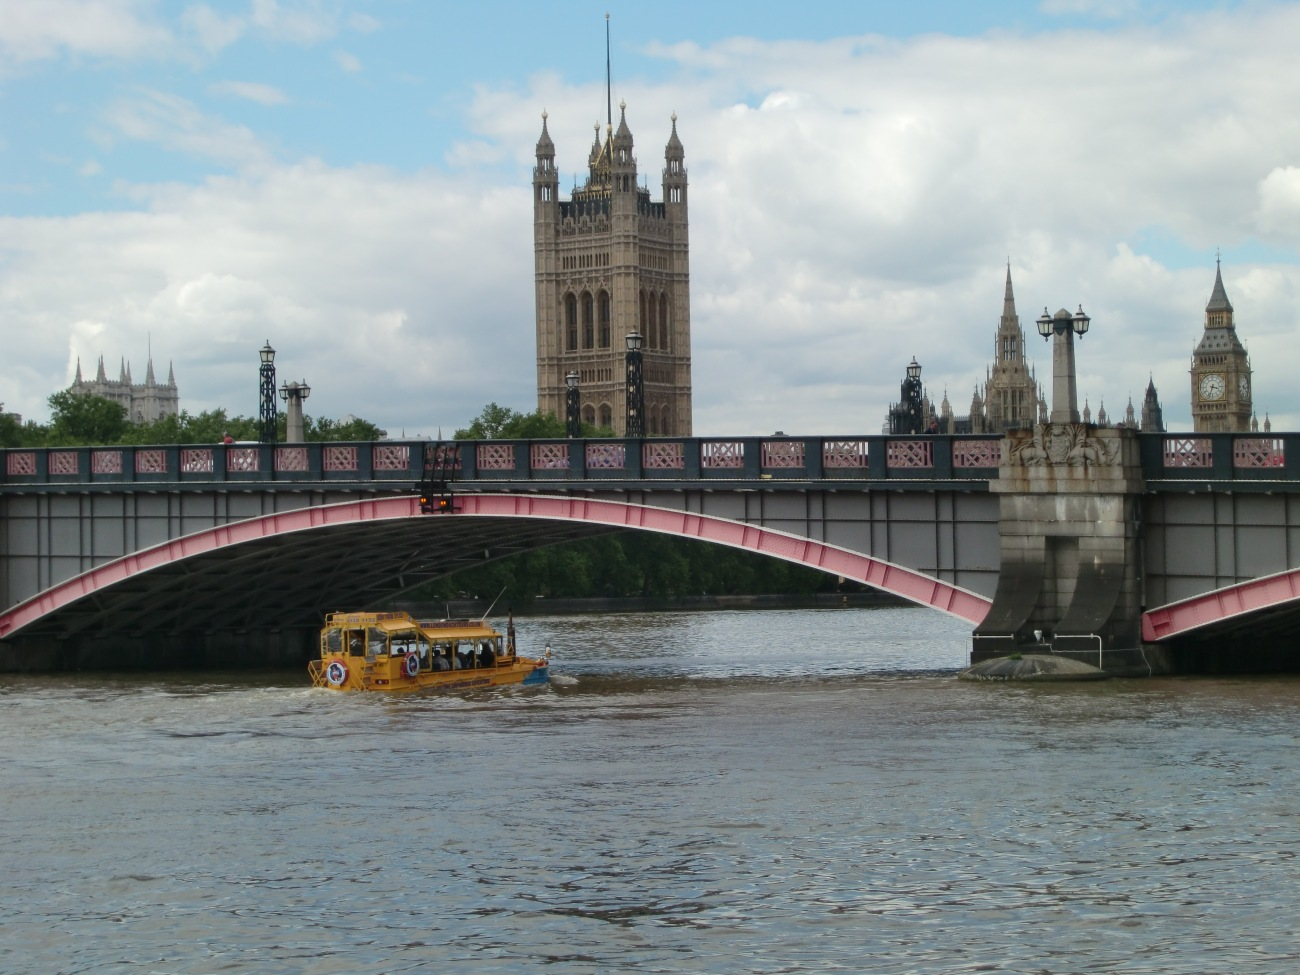 El puente Lambeth, en Londres, fue elegido para rodar una escena de Harry Potter